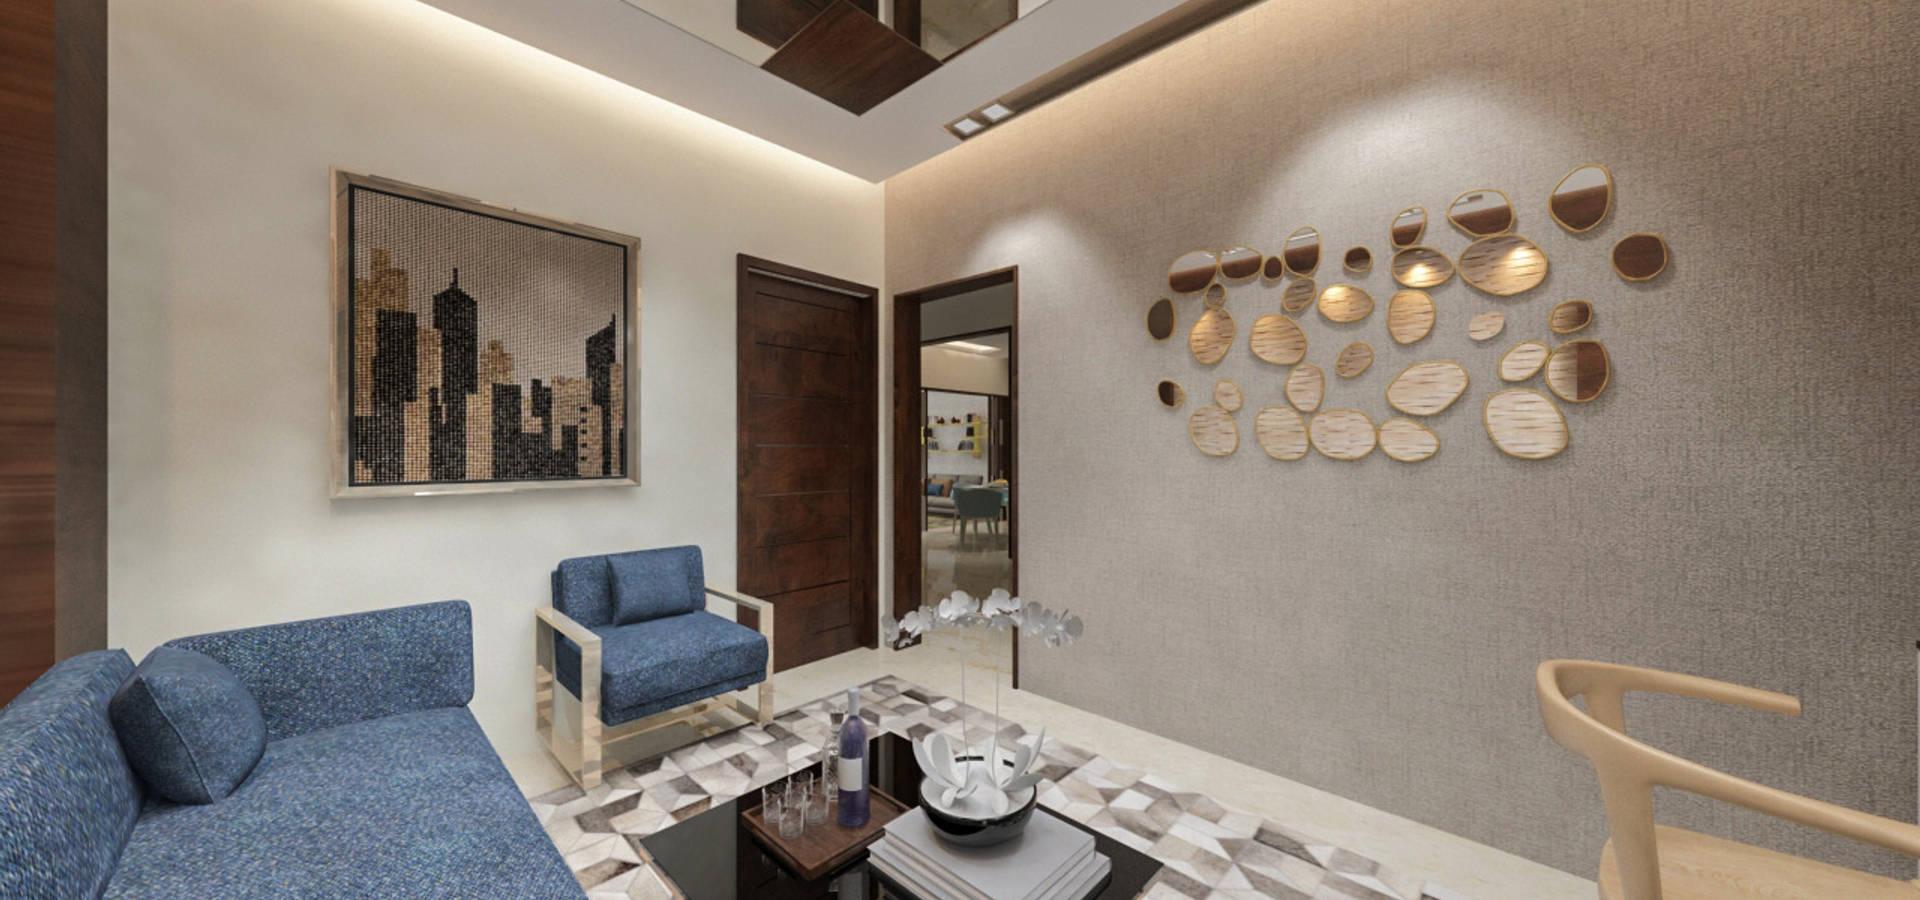 Estate Lookup Interiors